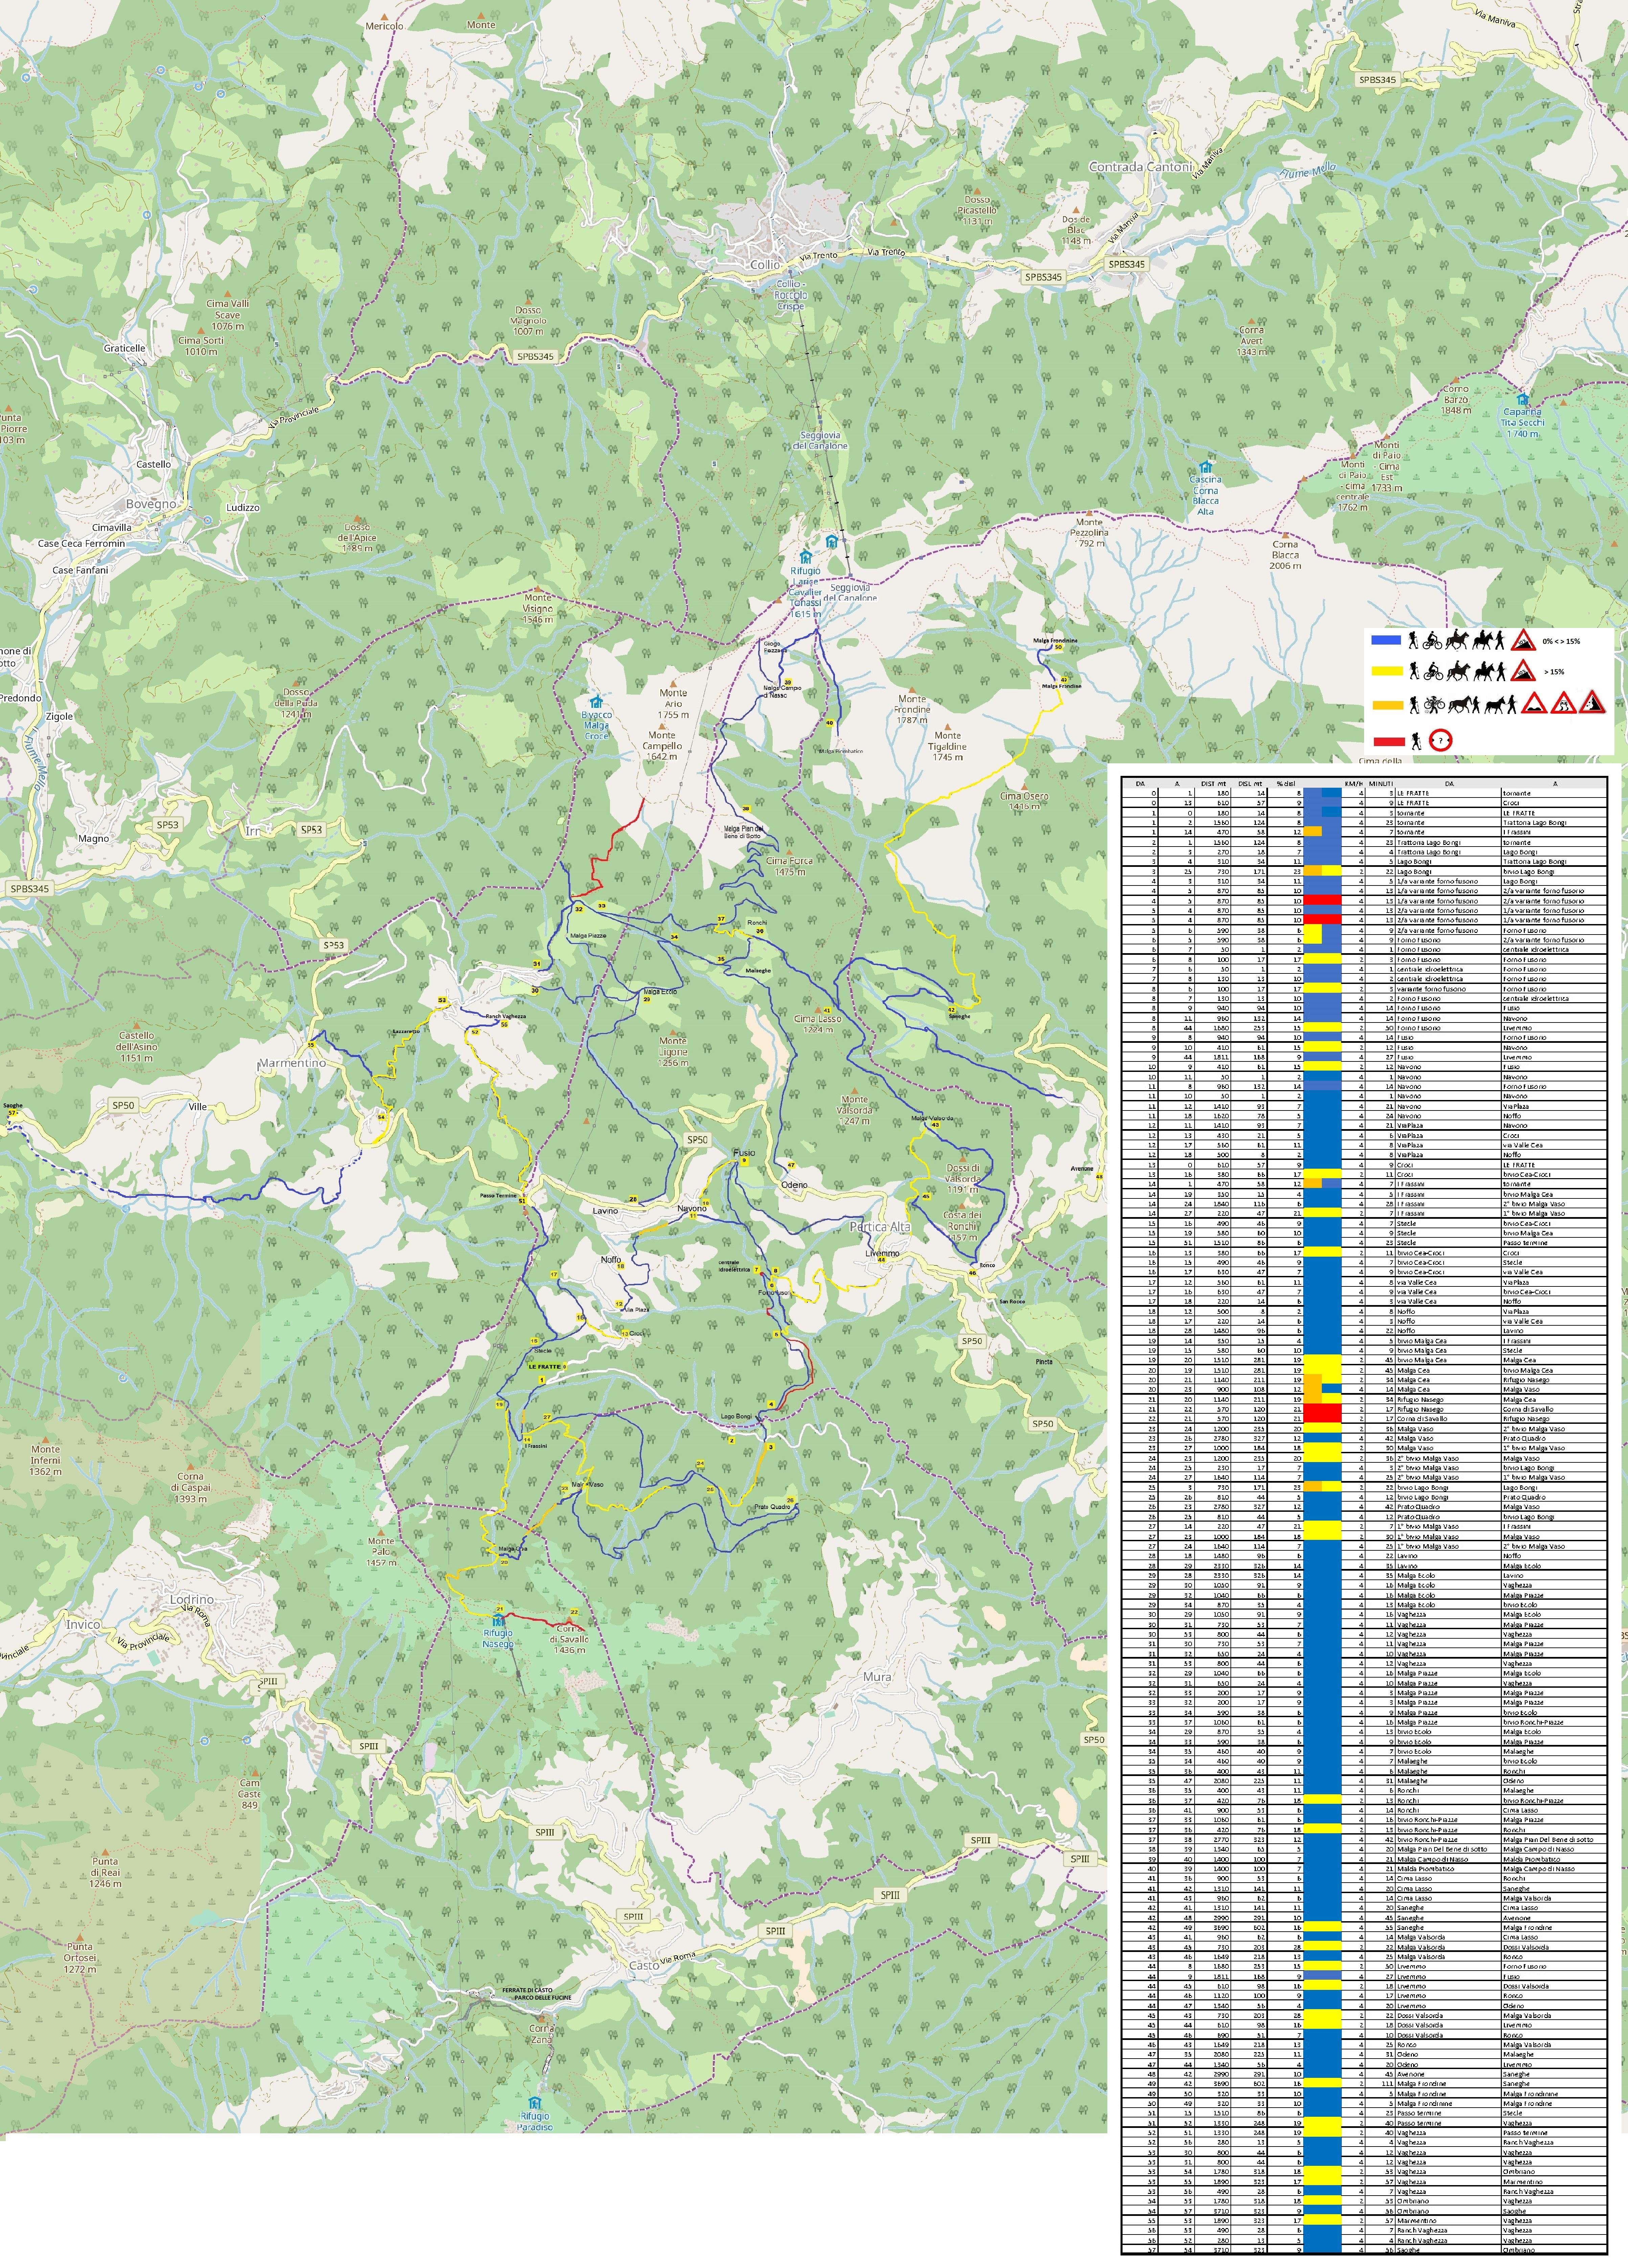 Cartina Lombardia Laghi.I Laghi Piu Belli E Meno Frequentati Della Lombardia Siviaggia